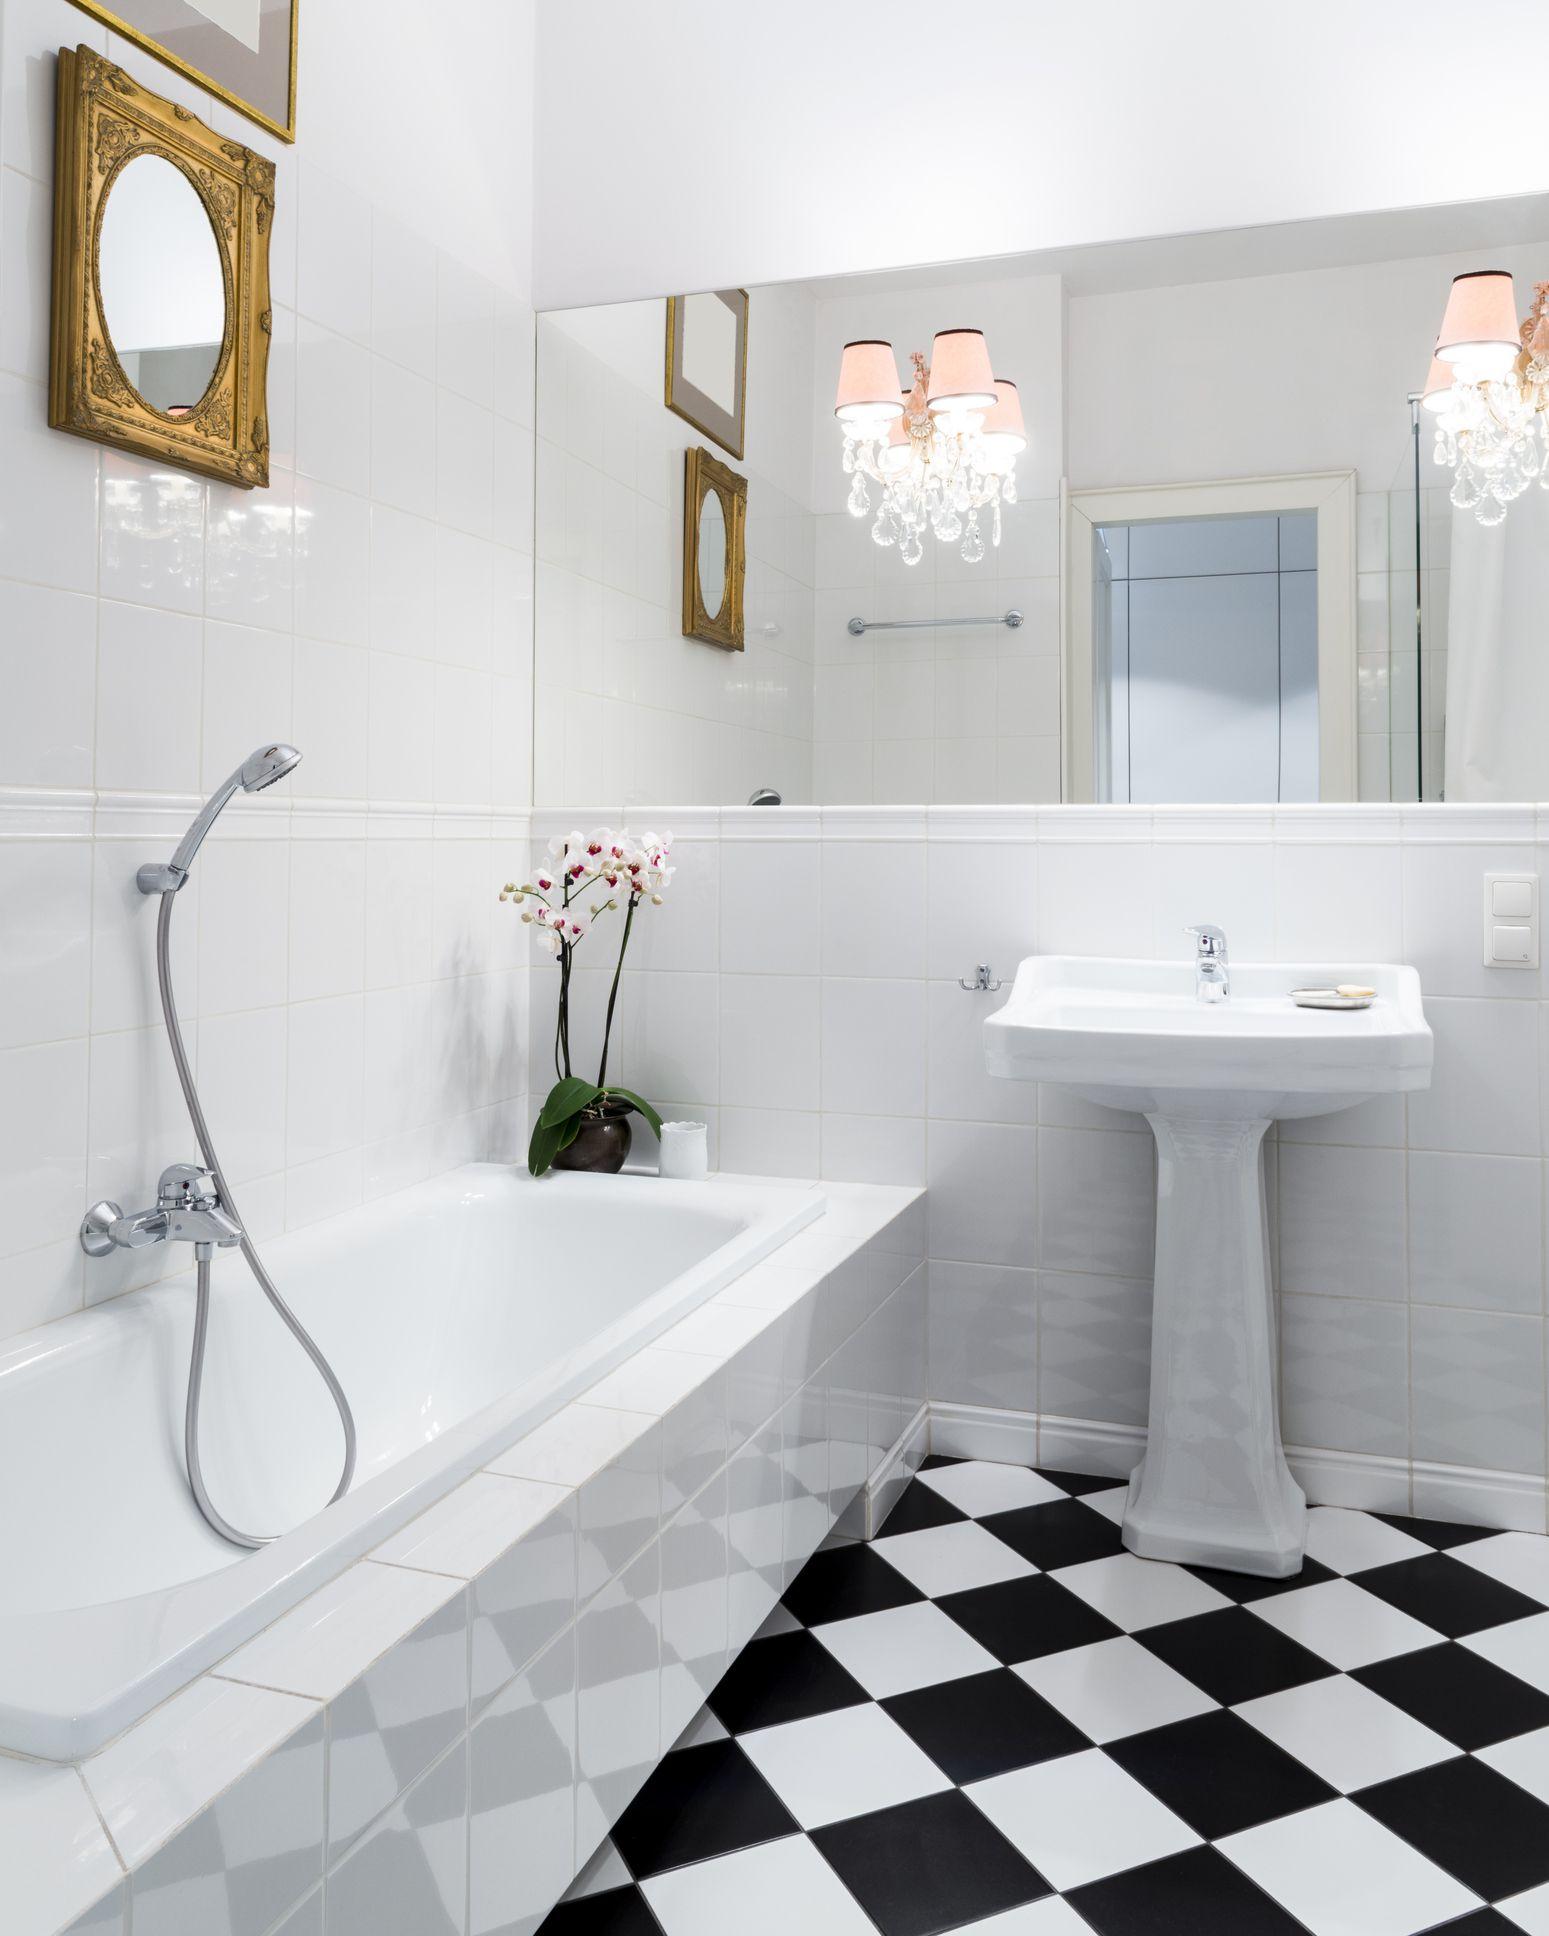 Considerations For Linoleum Flooring In Bathrooms